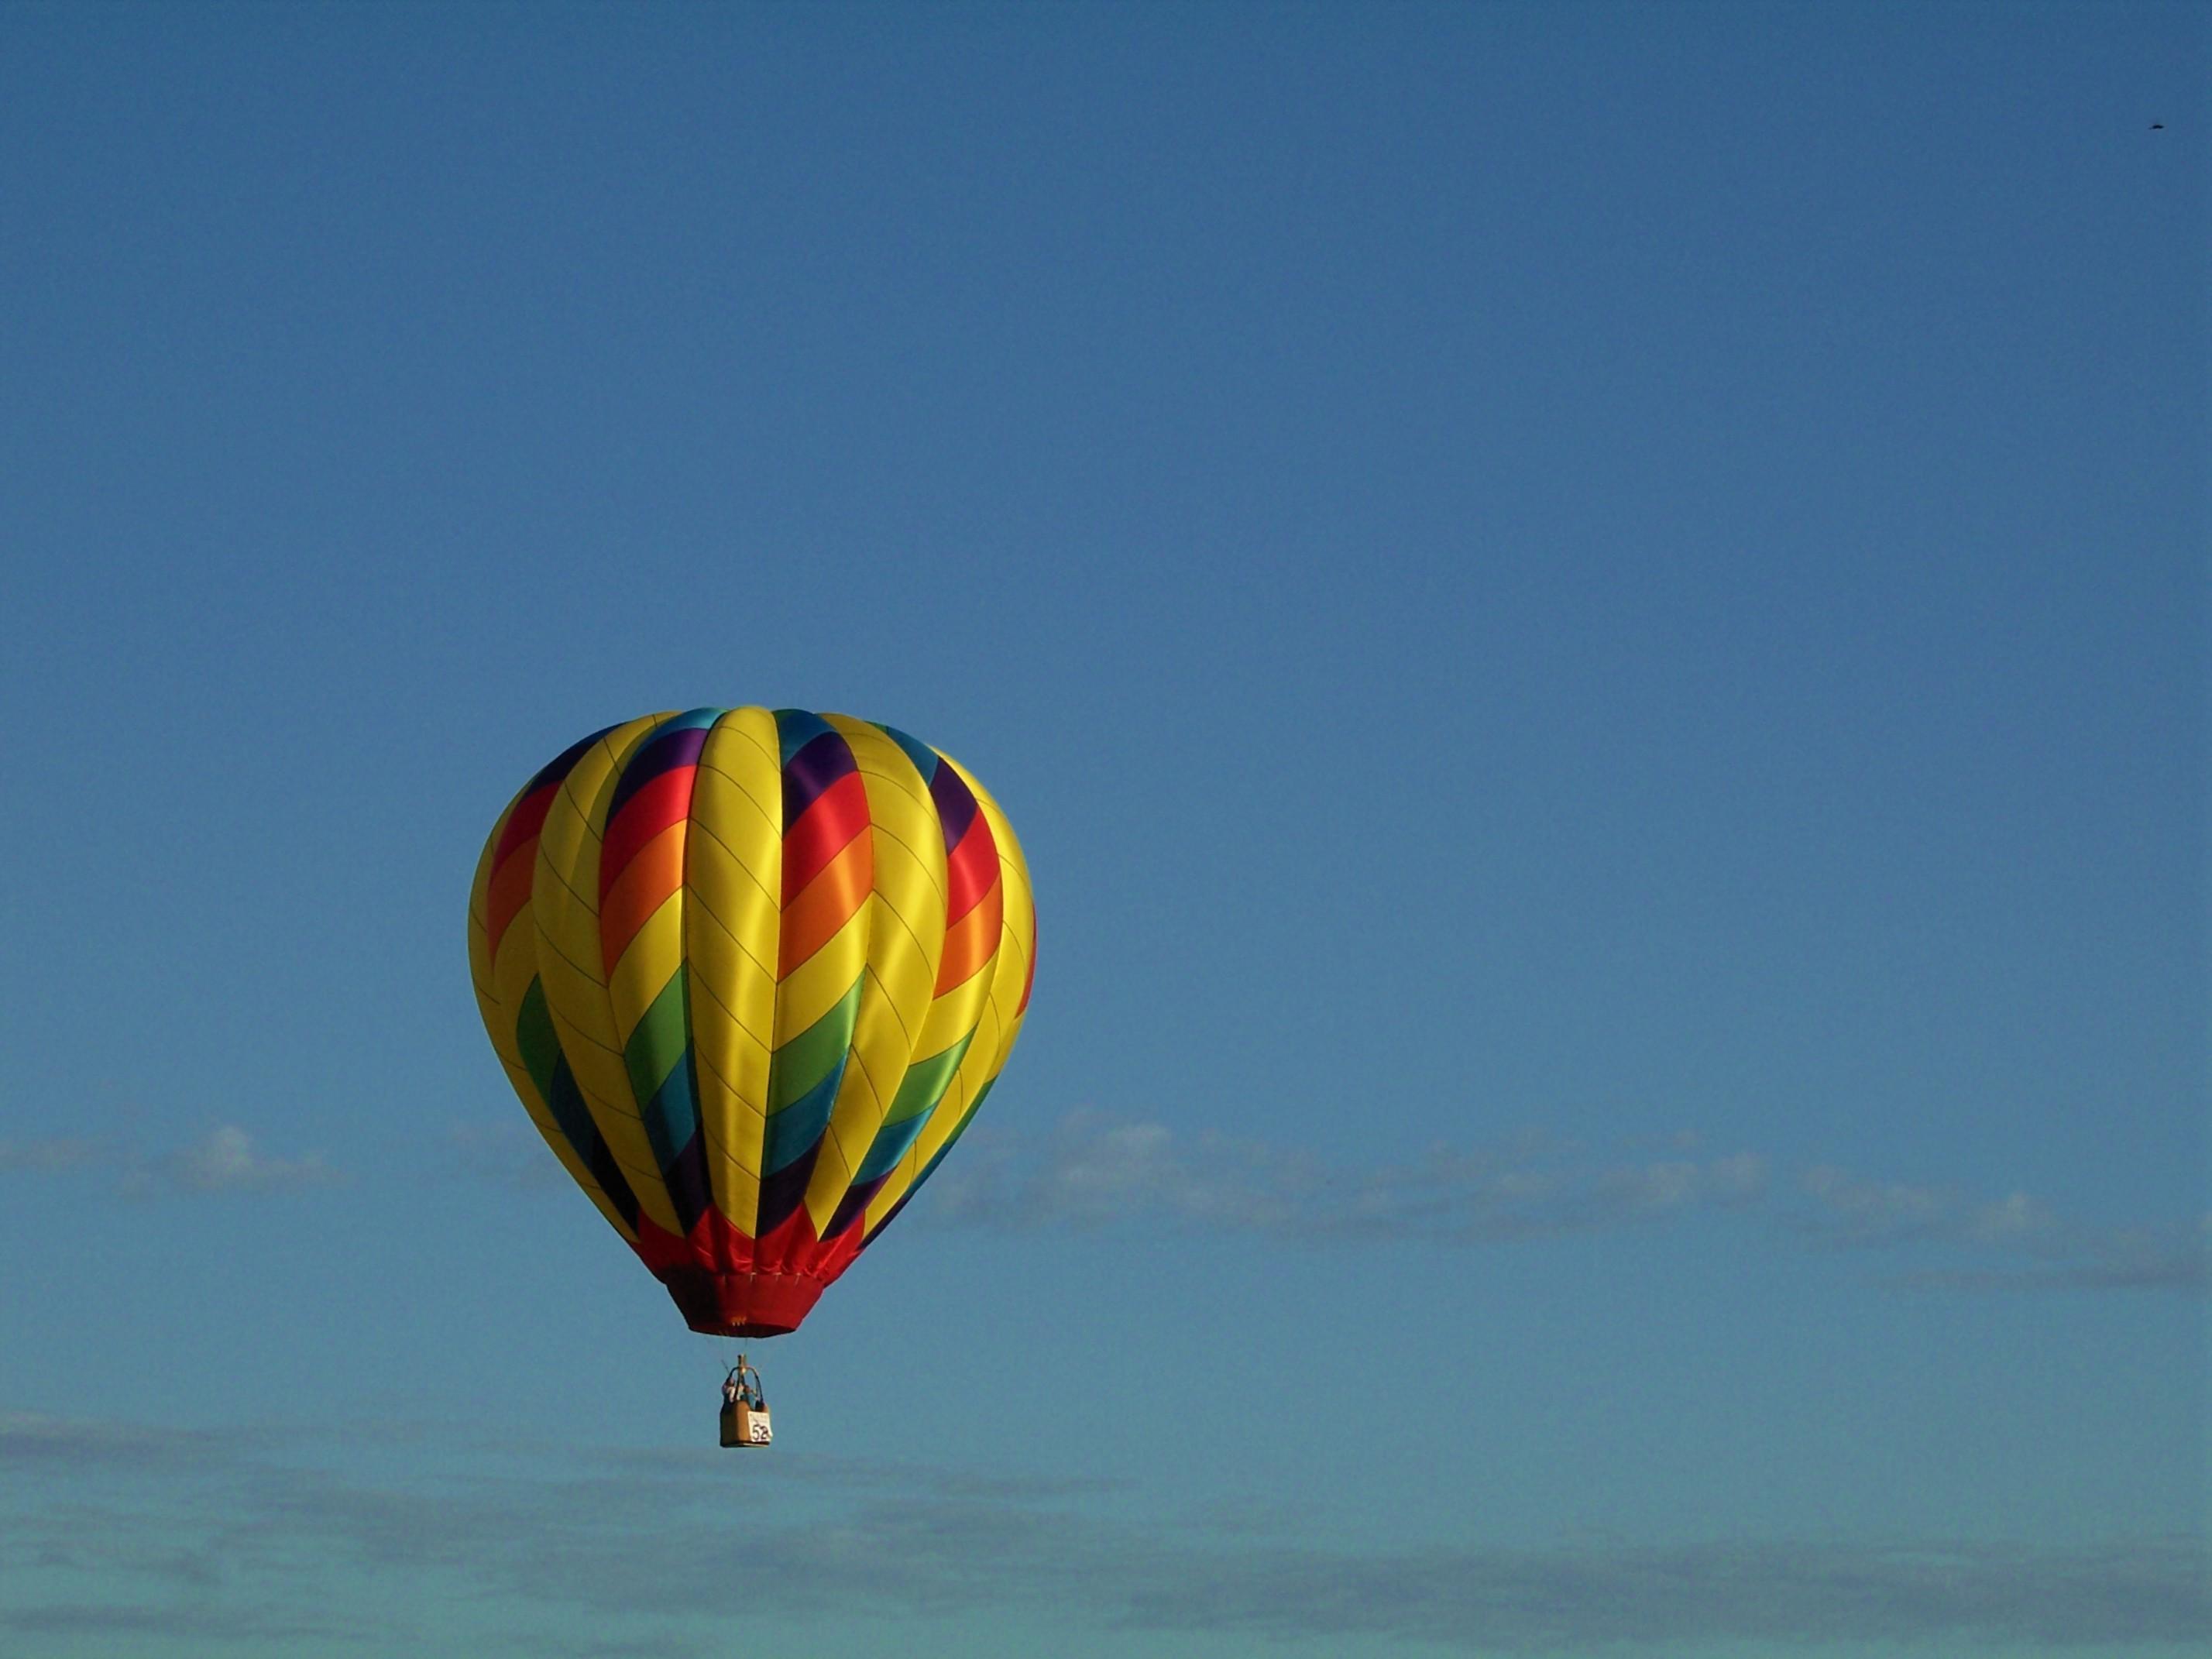 Hot ballon rides in Tuscany